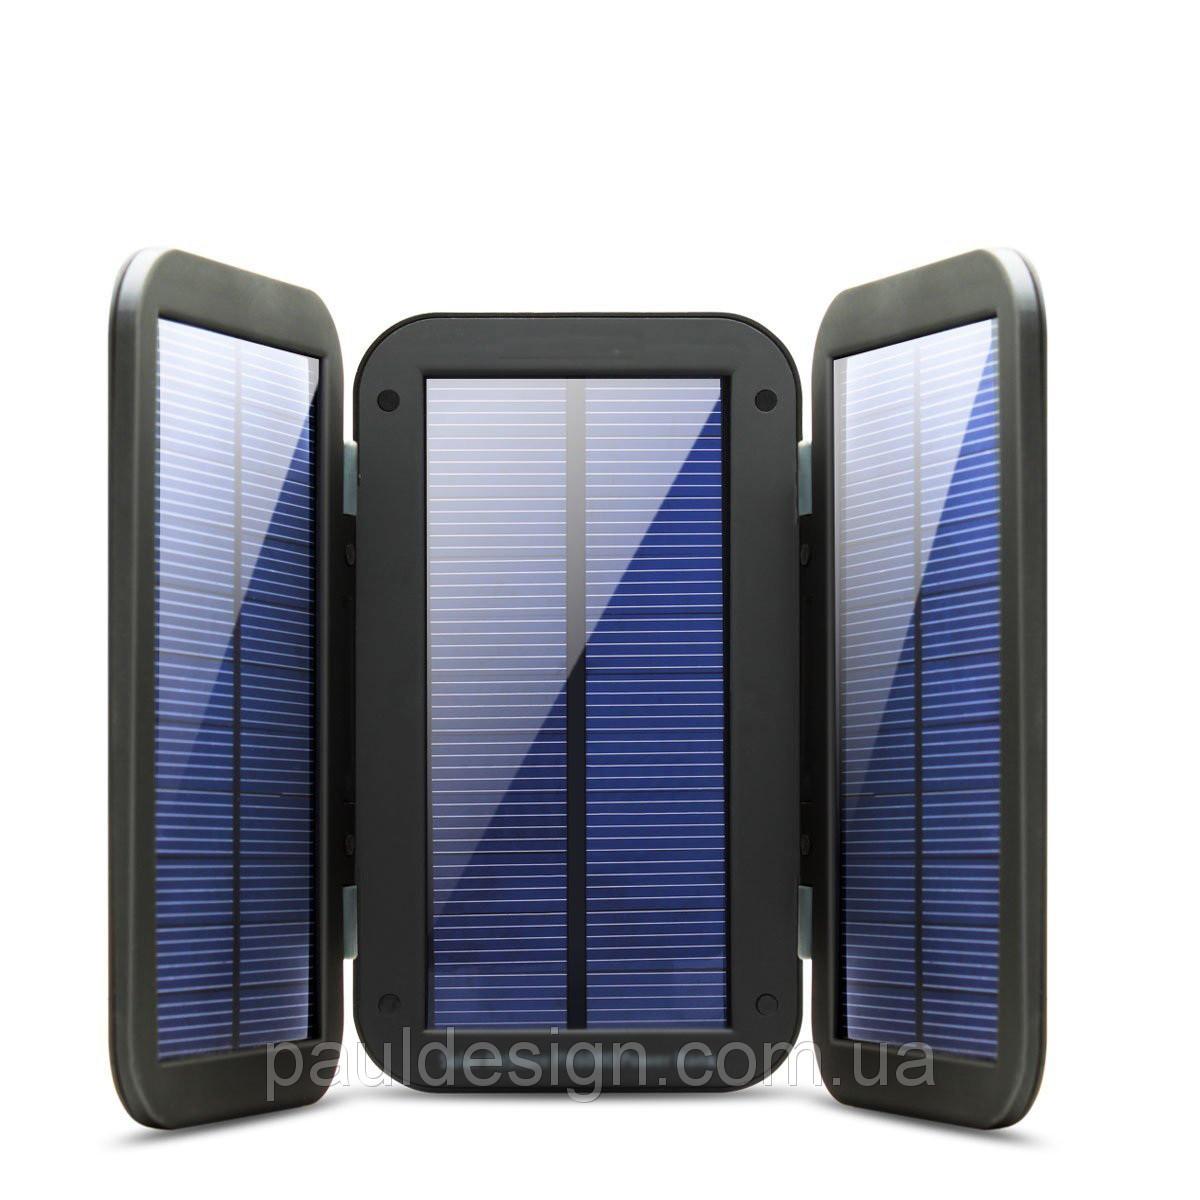 Портативная солнечная батарея с 3-мя раскладными панелями